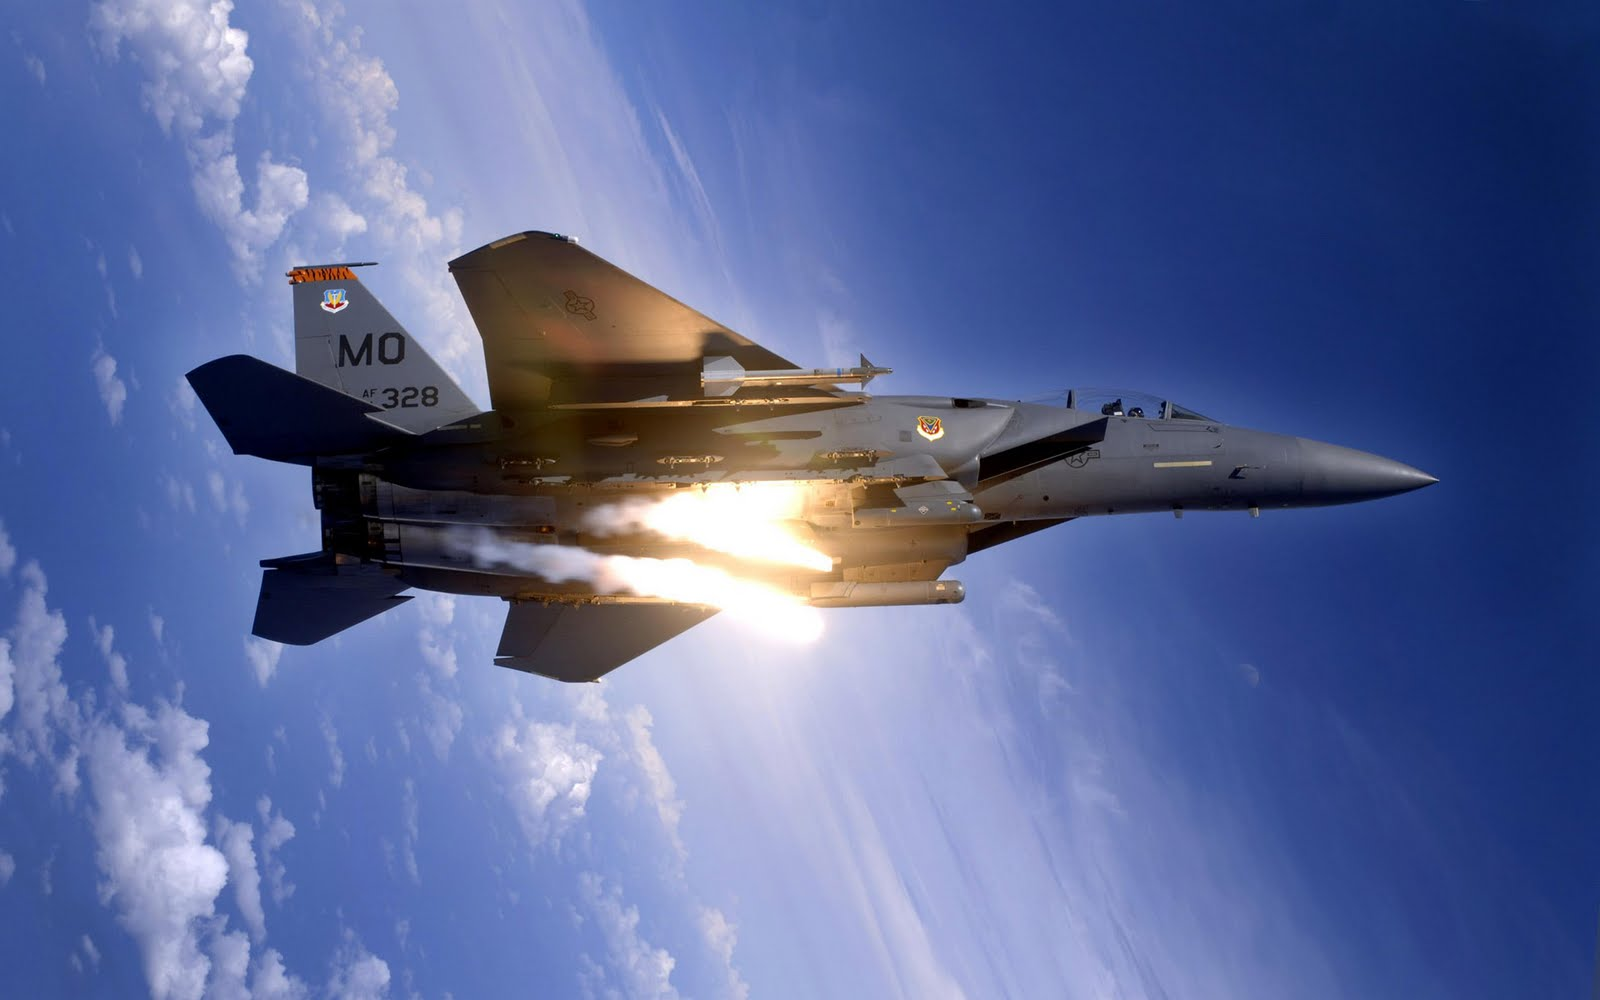 http://1.bp.blogspot.com/-BSa24tJqSD0/TdFrjcZI45I/AAAAAAAAAjU/nE1NbBG2s-Y/s1600/fighter%252Bjet%252Bwallpaper%252Bhd%252B%252Bfighter%252Bjet%252Bwallpaper%252Bhd%252Bfighter%252Bjet%252Bwallpaper%252Bhd.jpg